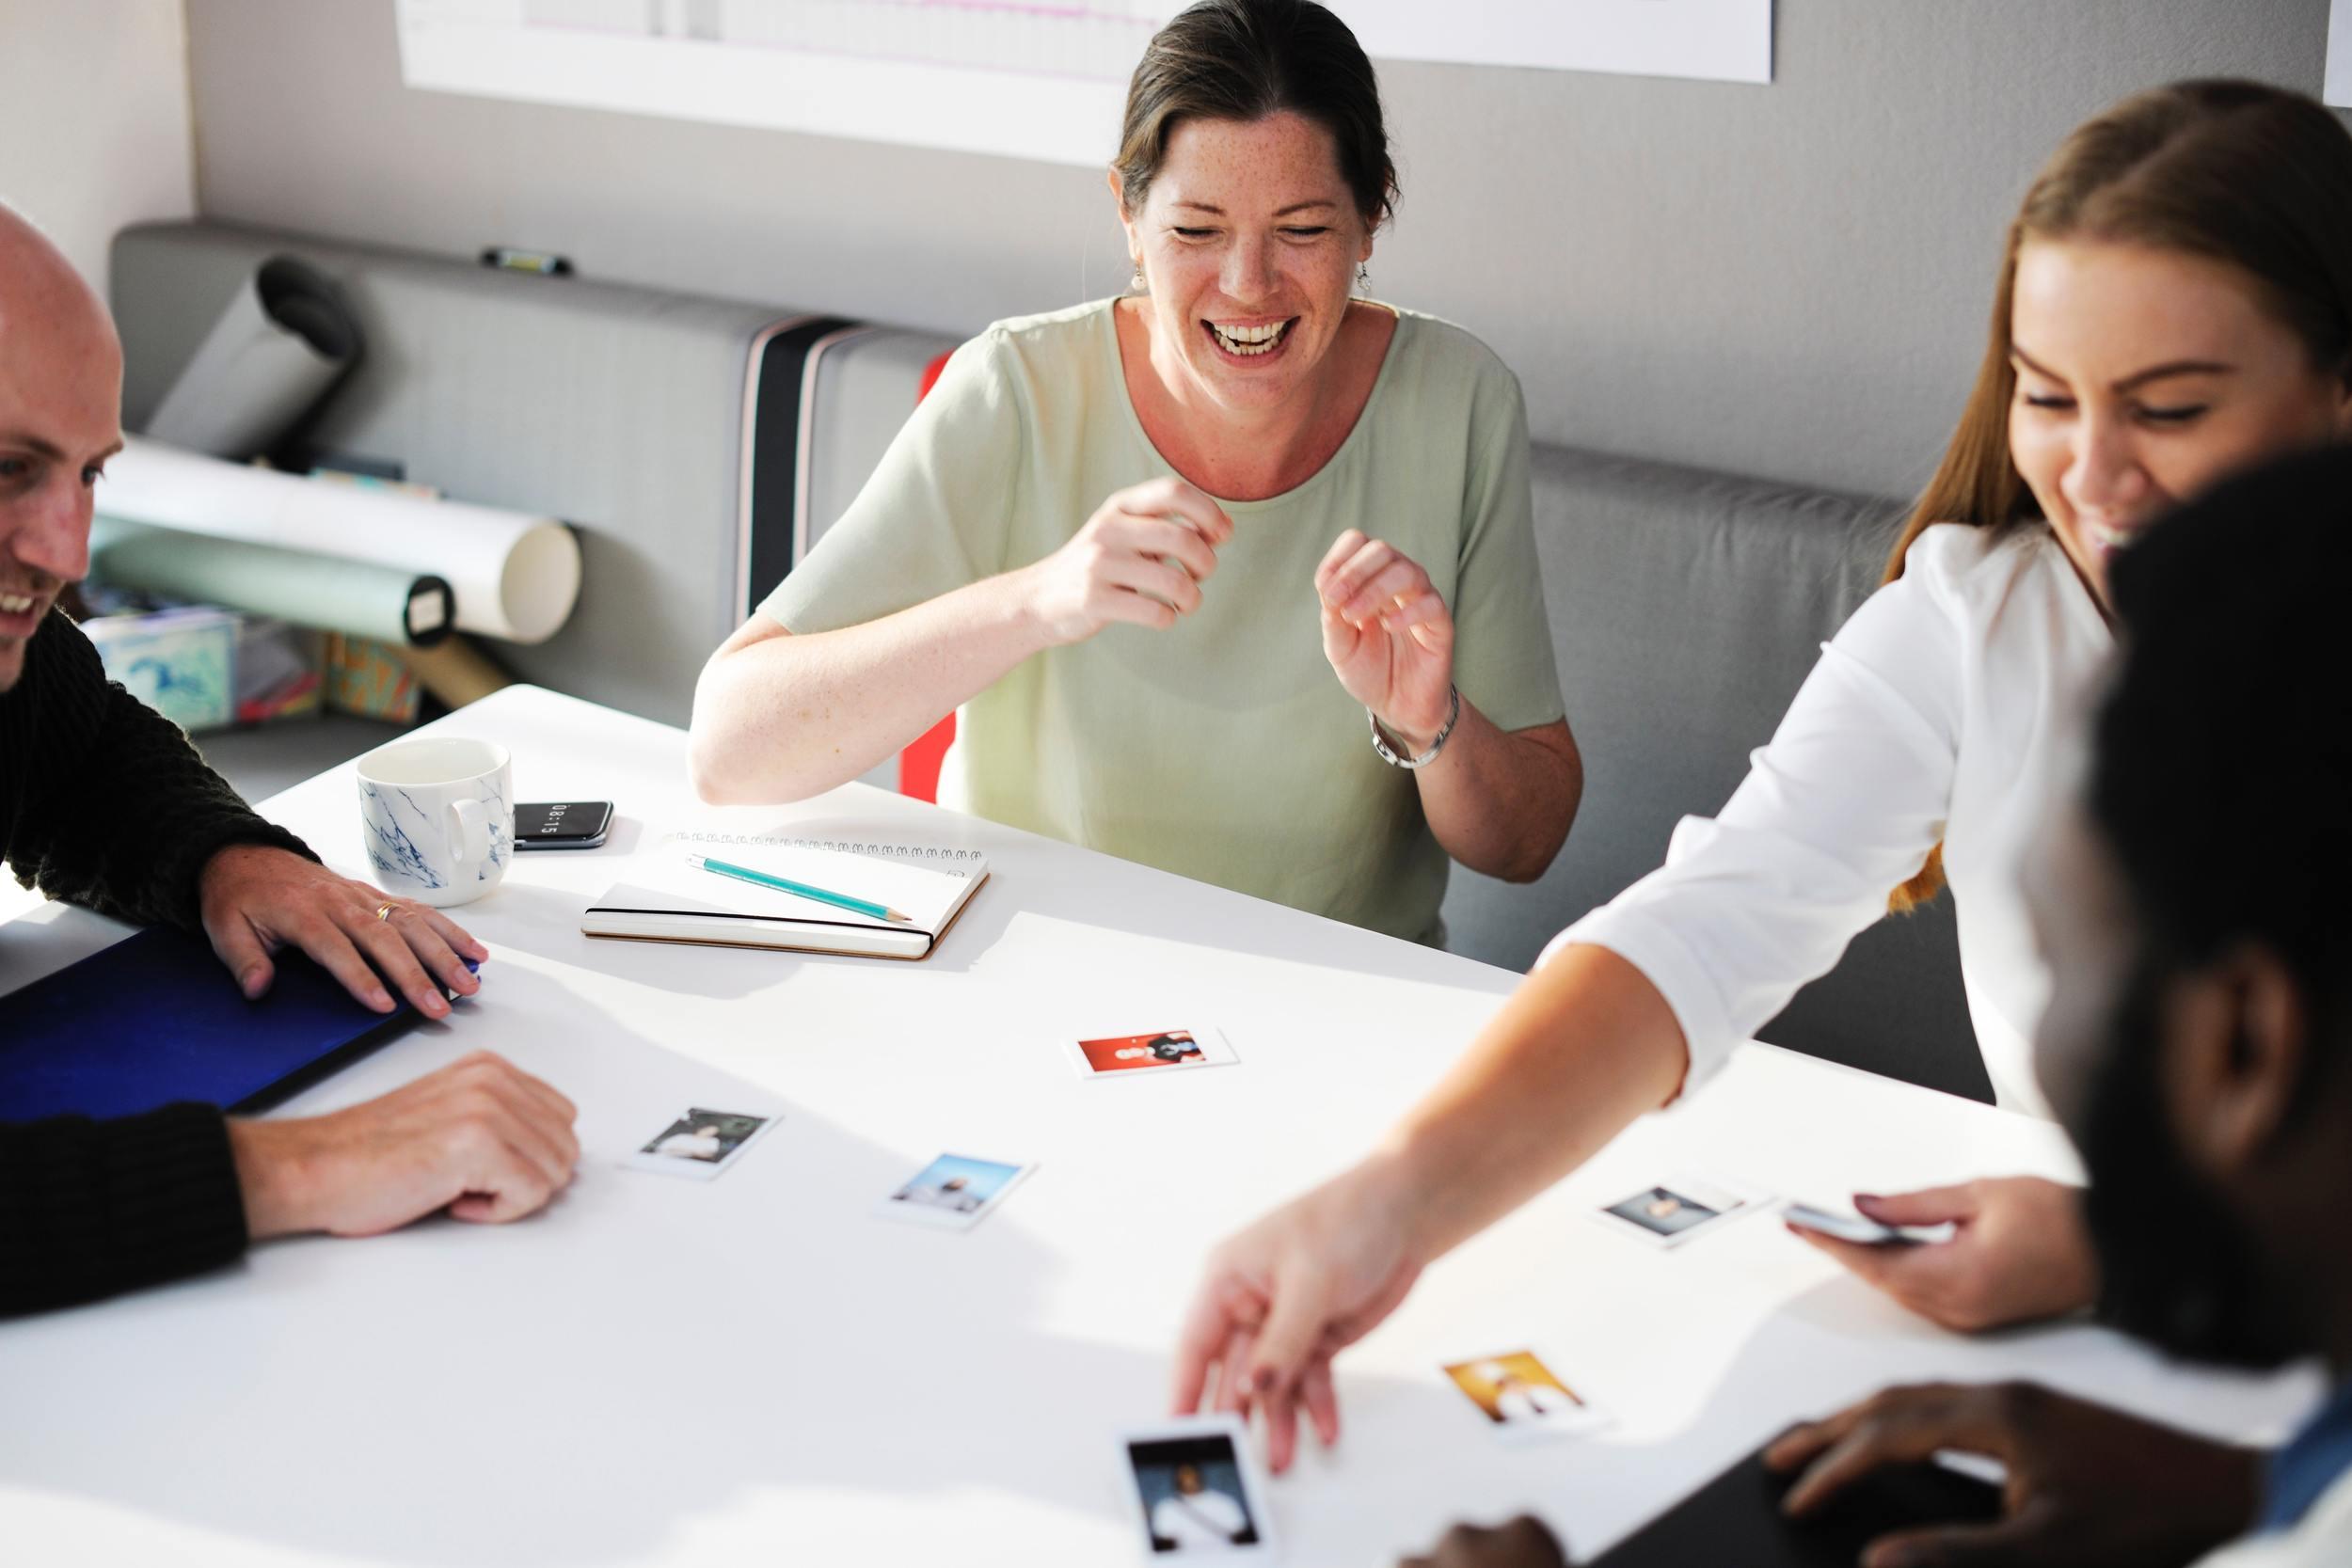 Samen brainstormen voor nieuwe ideeën